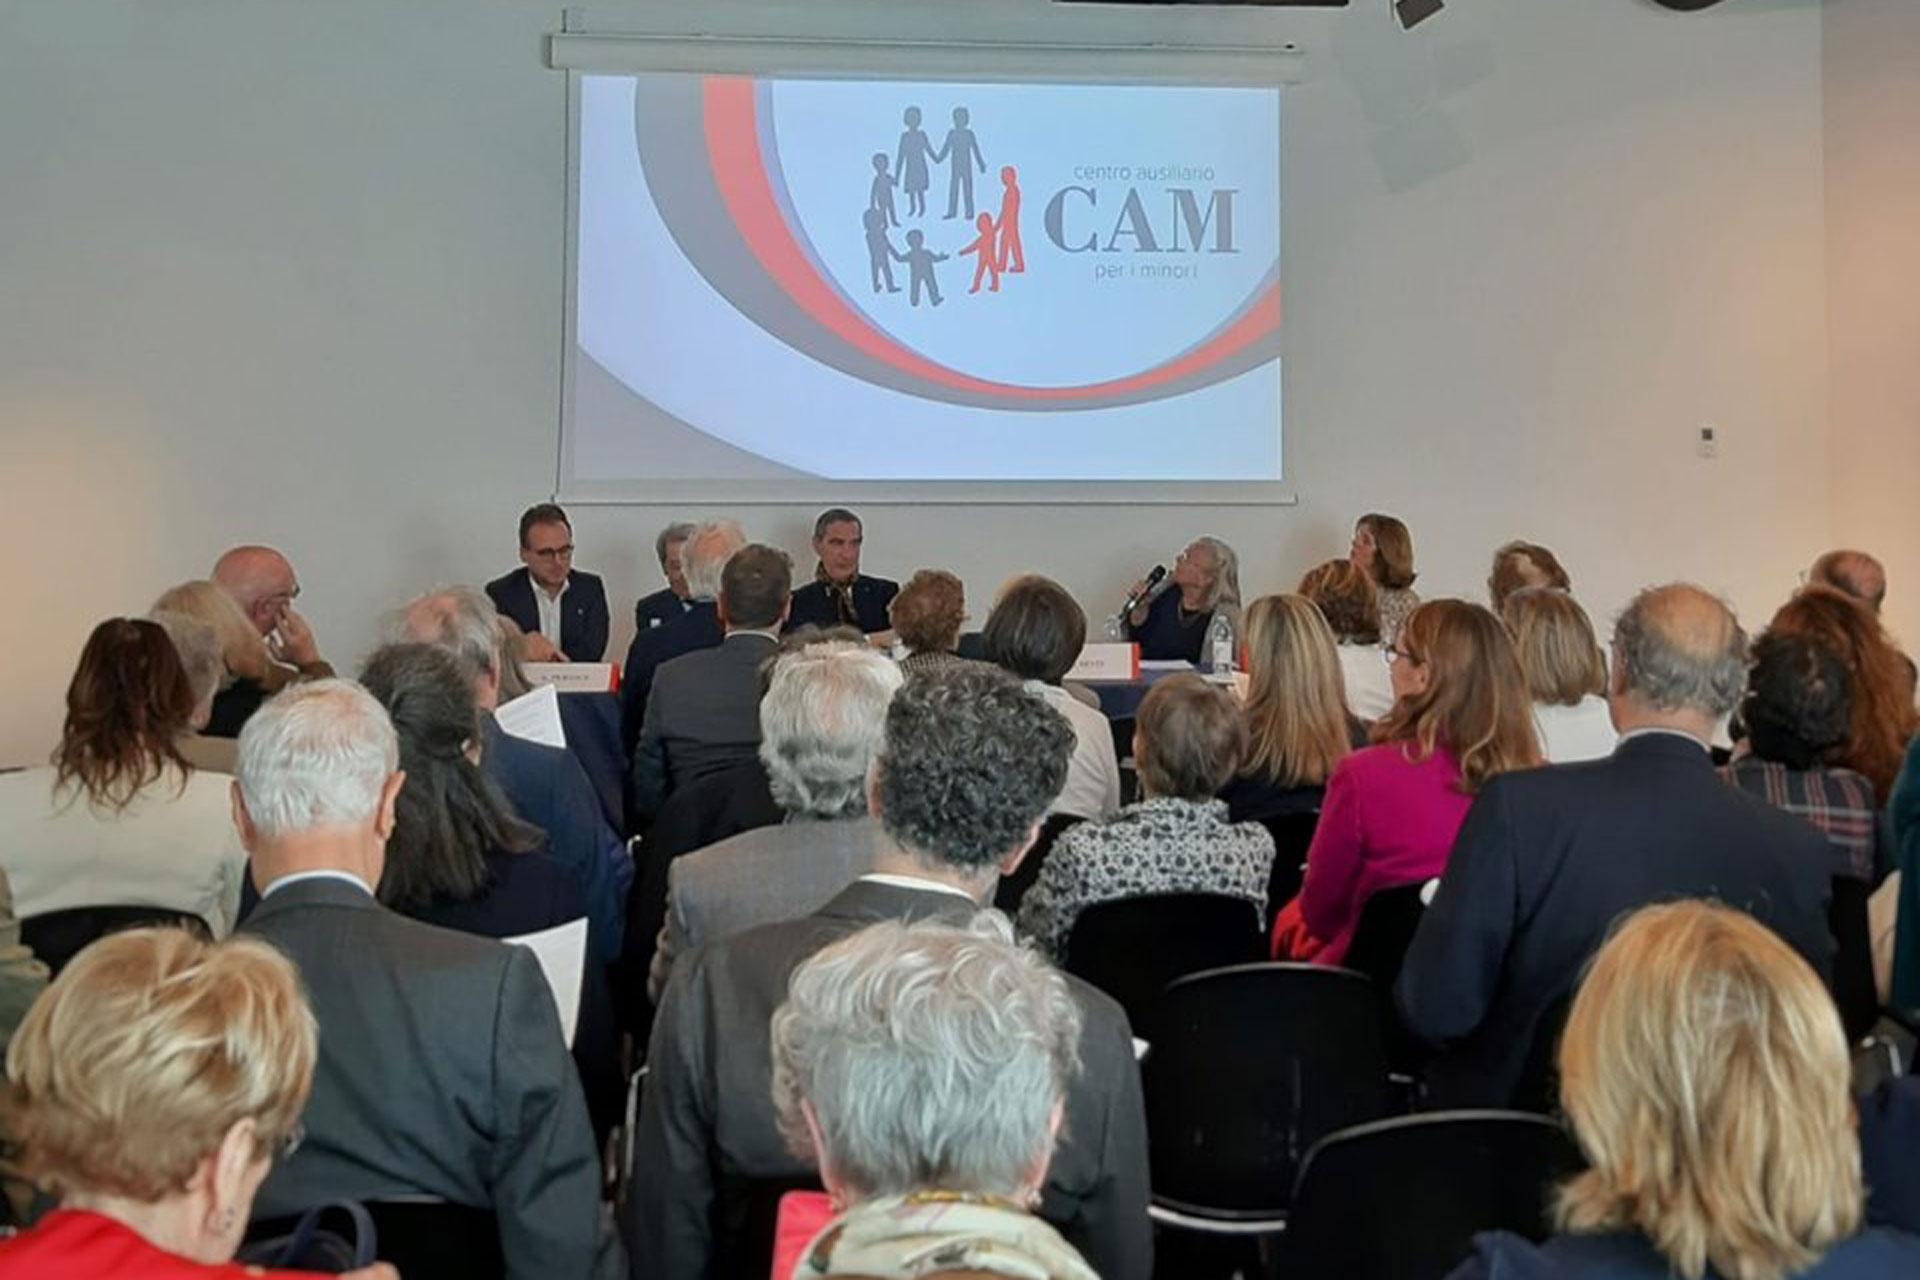 Innovazione CAM – Centro Ausiliario per i minori